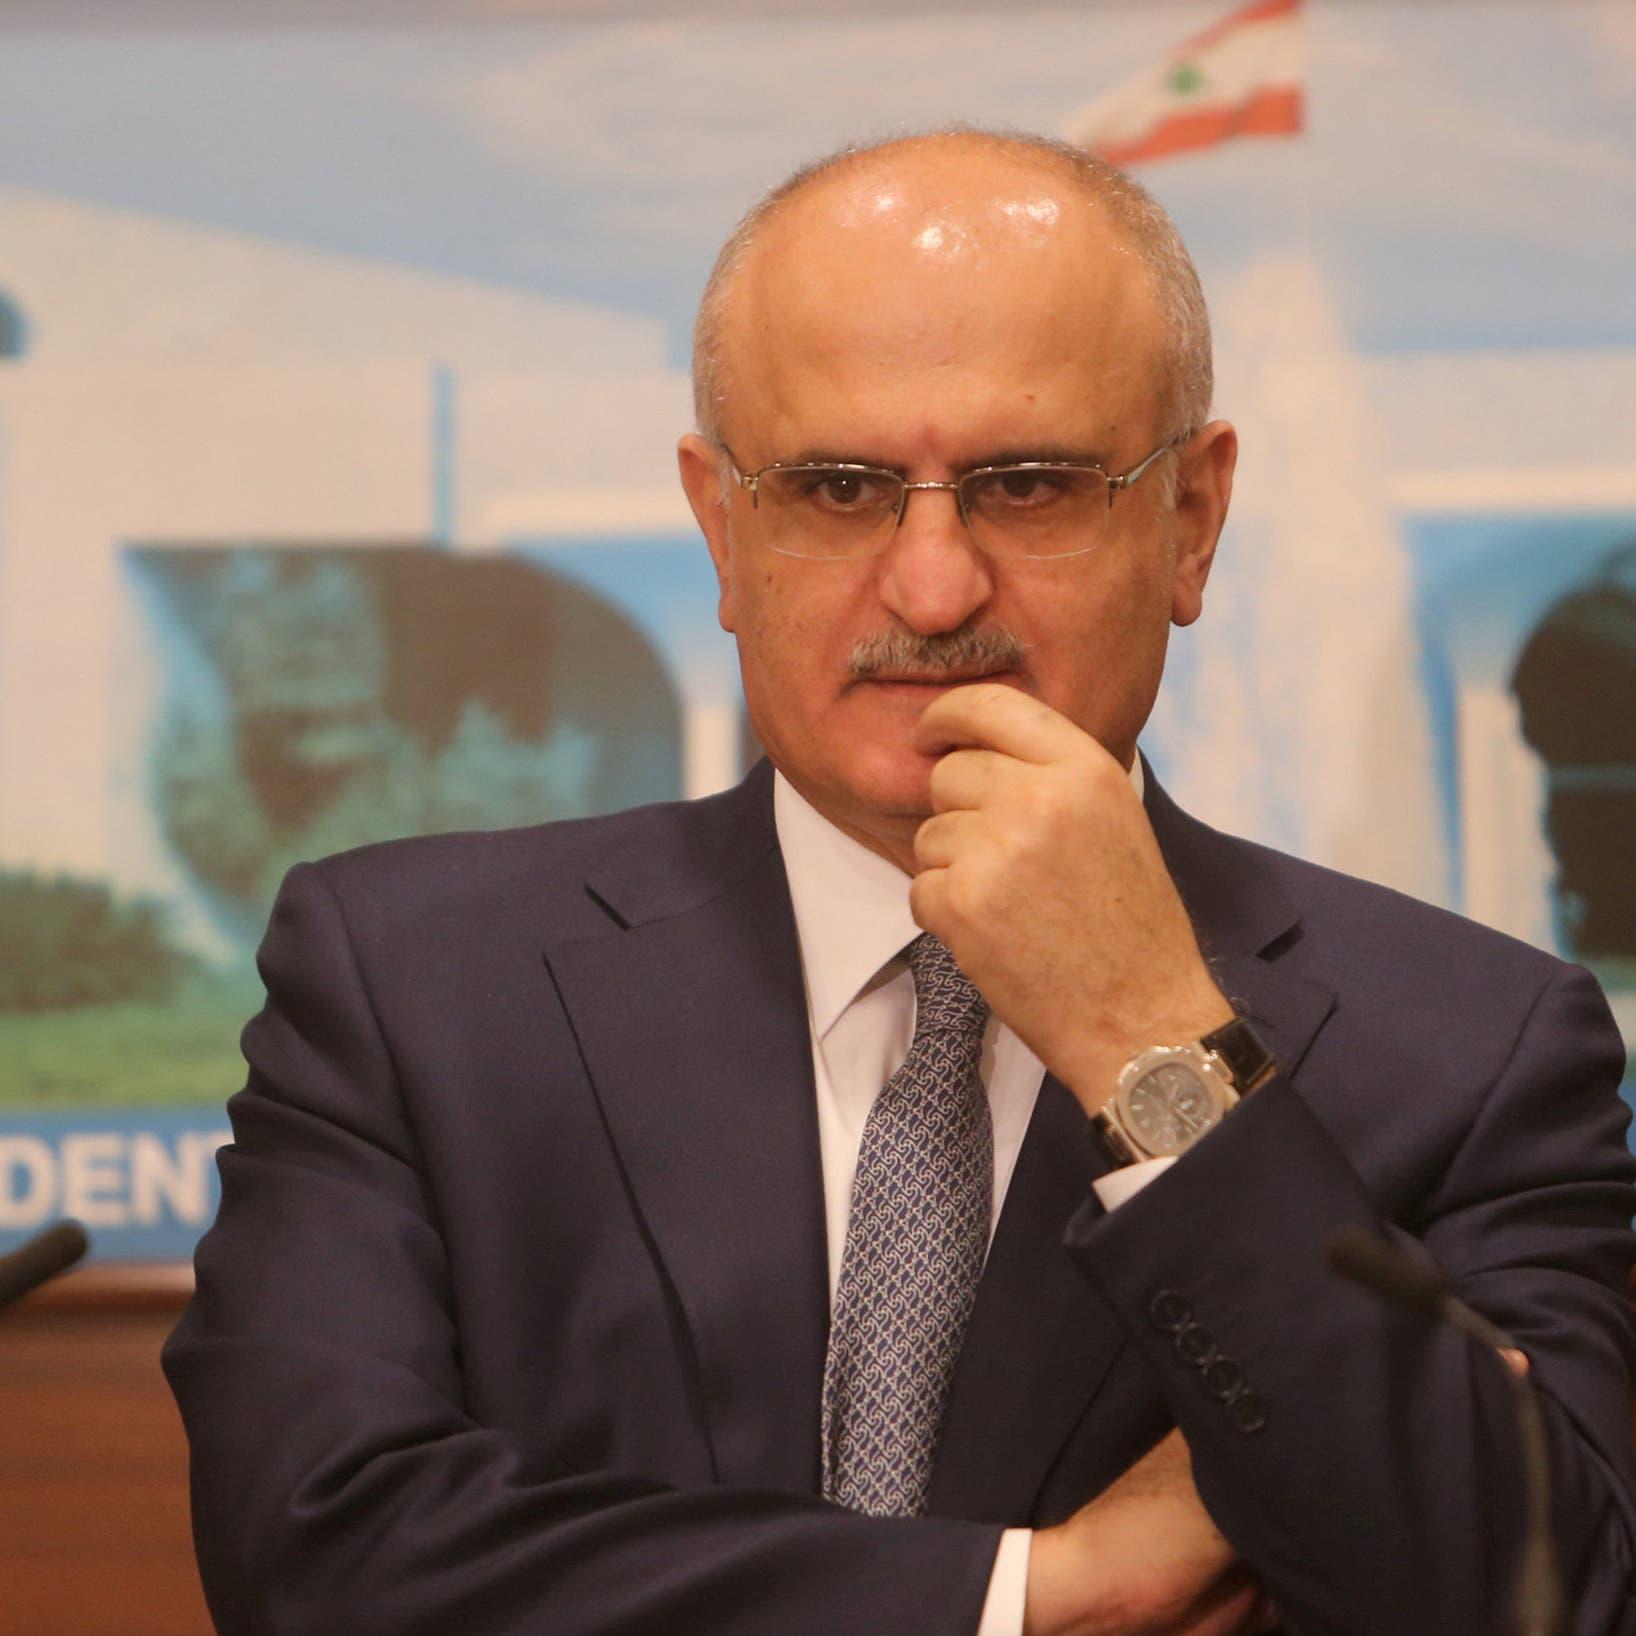 بعد توقيف غيابي لوزير سابق.. كف يد بيطار لمرة ثالثة بانفجار مرفأ بيروت